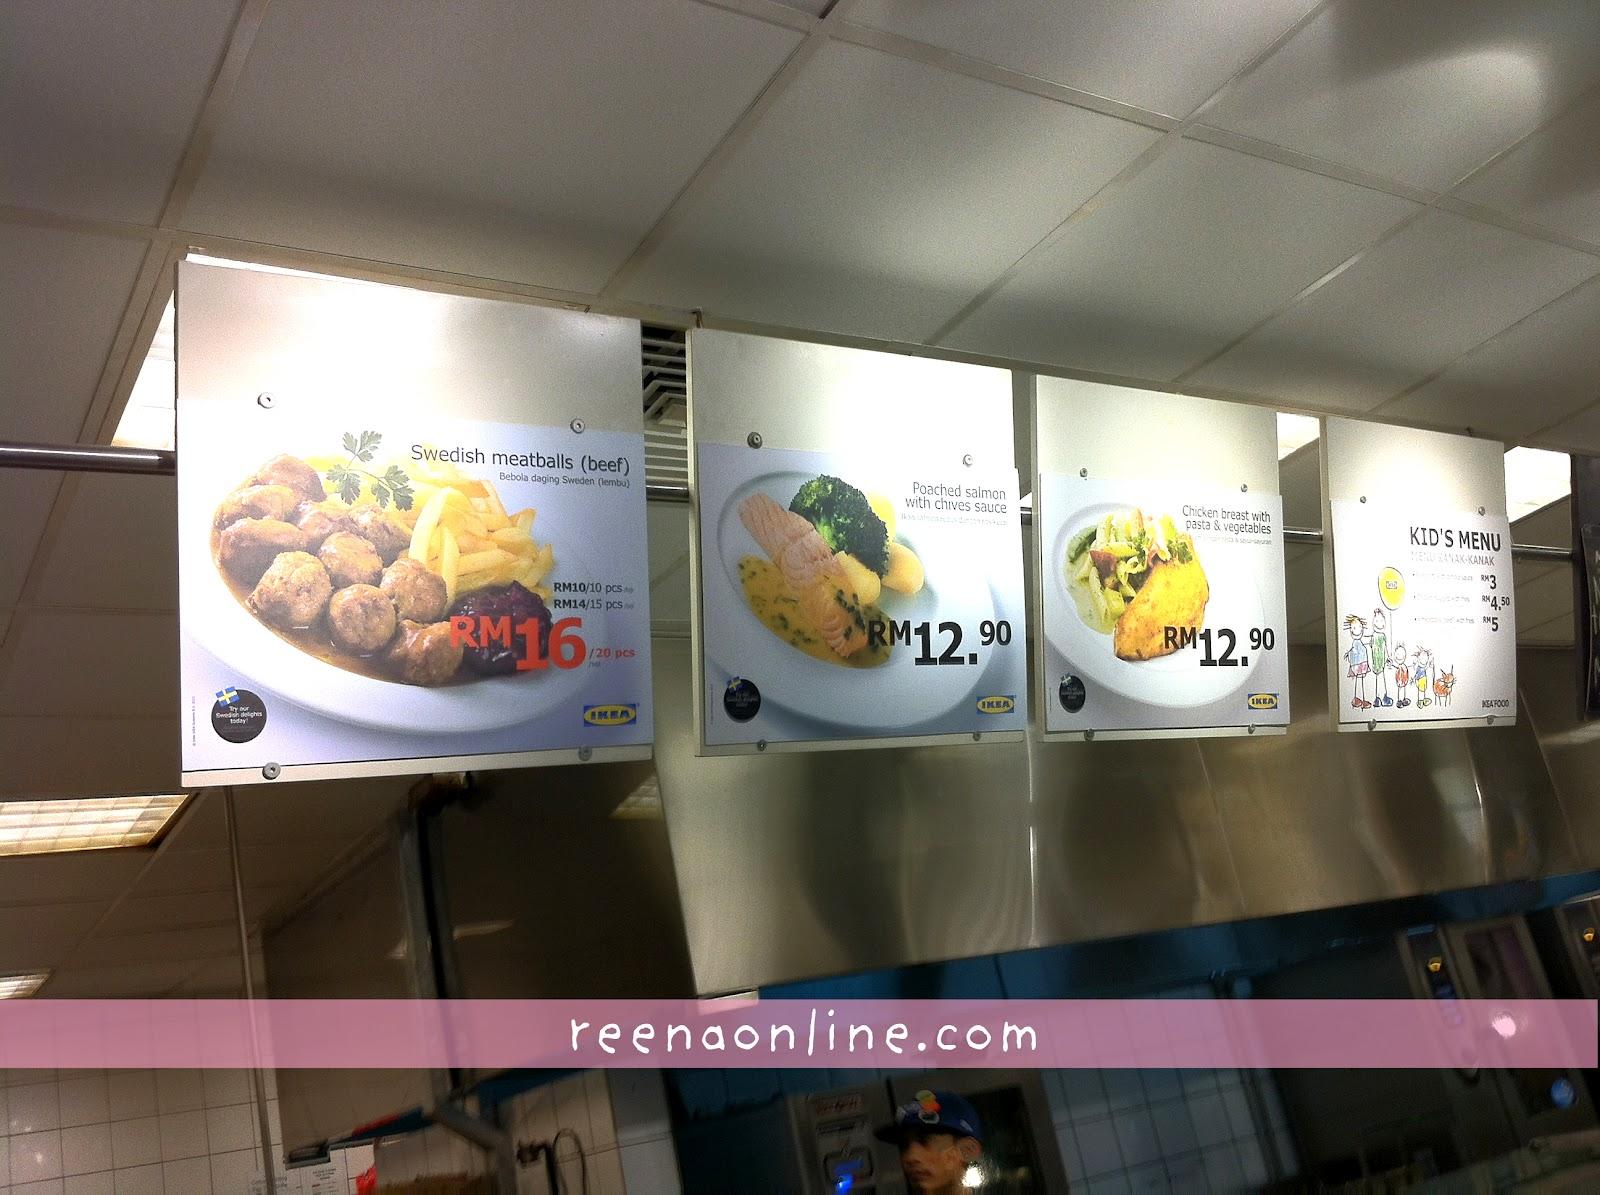 Ikea Restaurant Et Caf Ef Bf Bd  Rue Jean Jaur Ef Bf Bds  Villiers Sur Marne